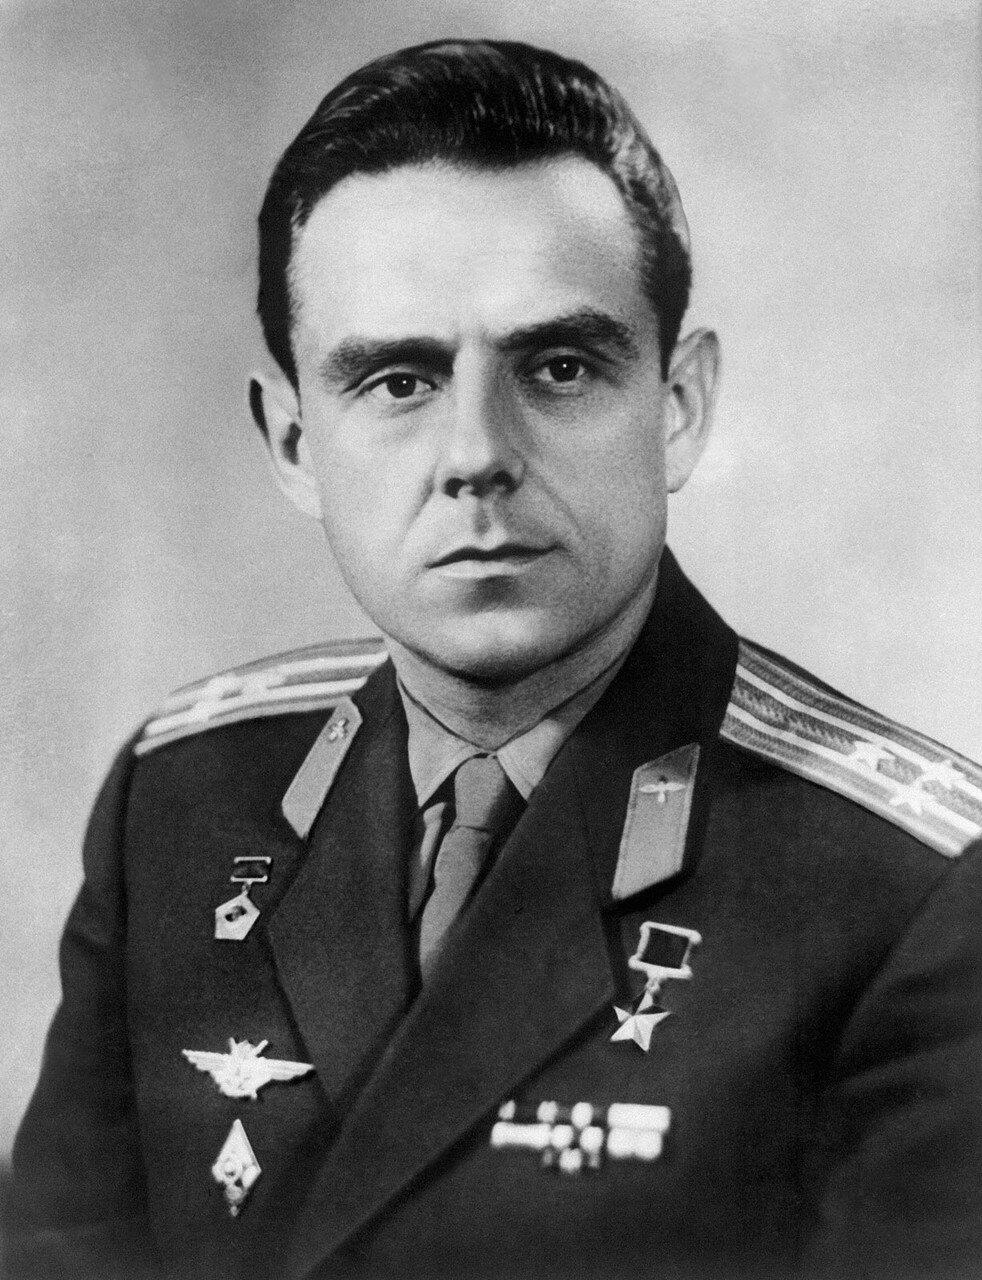 Владимир Михайлович Комаров (16 марта 1927 года, Москва — 24 апреля 1967 года, Оренбургская область) — лётчик-космонавт, дважды Герой Советского Союза